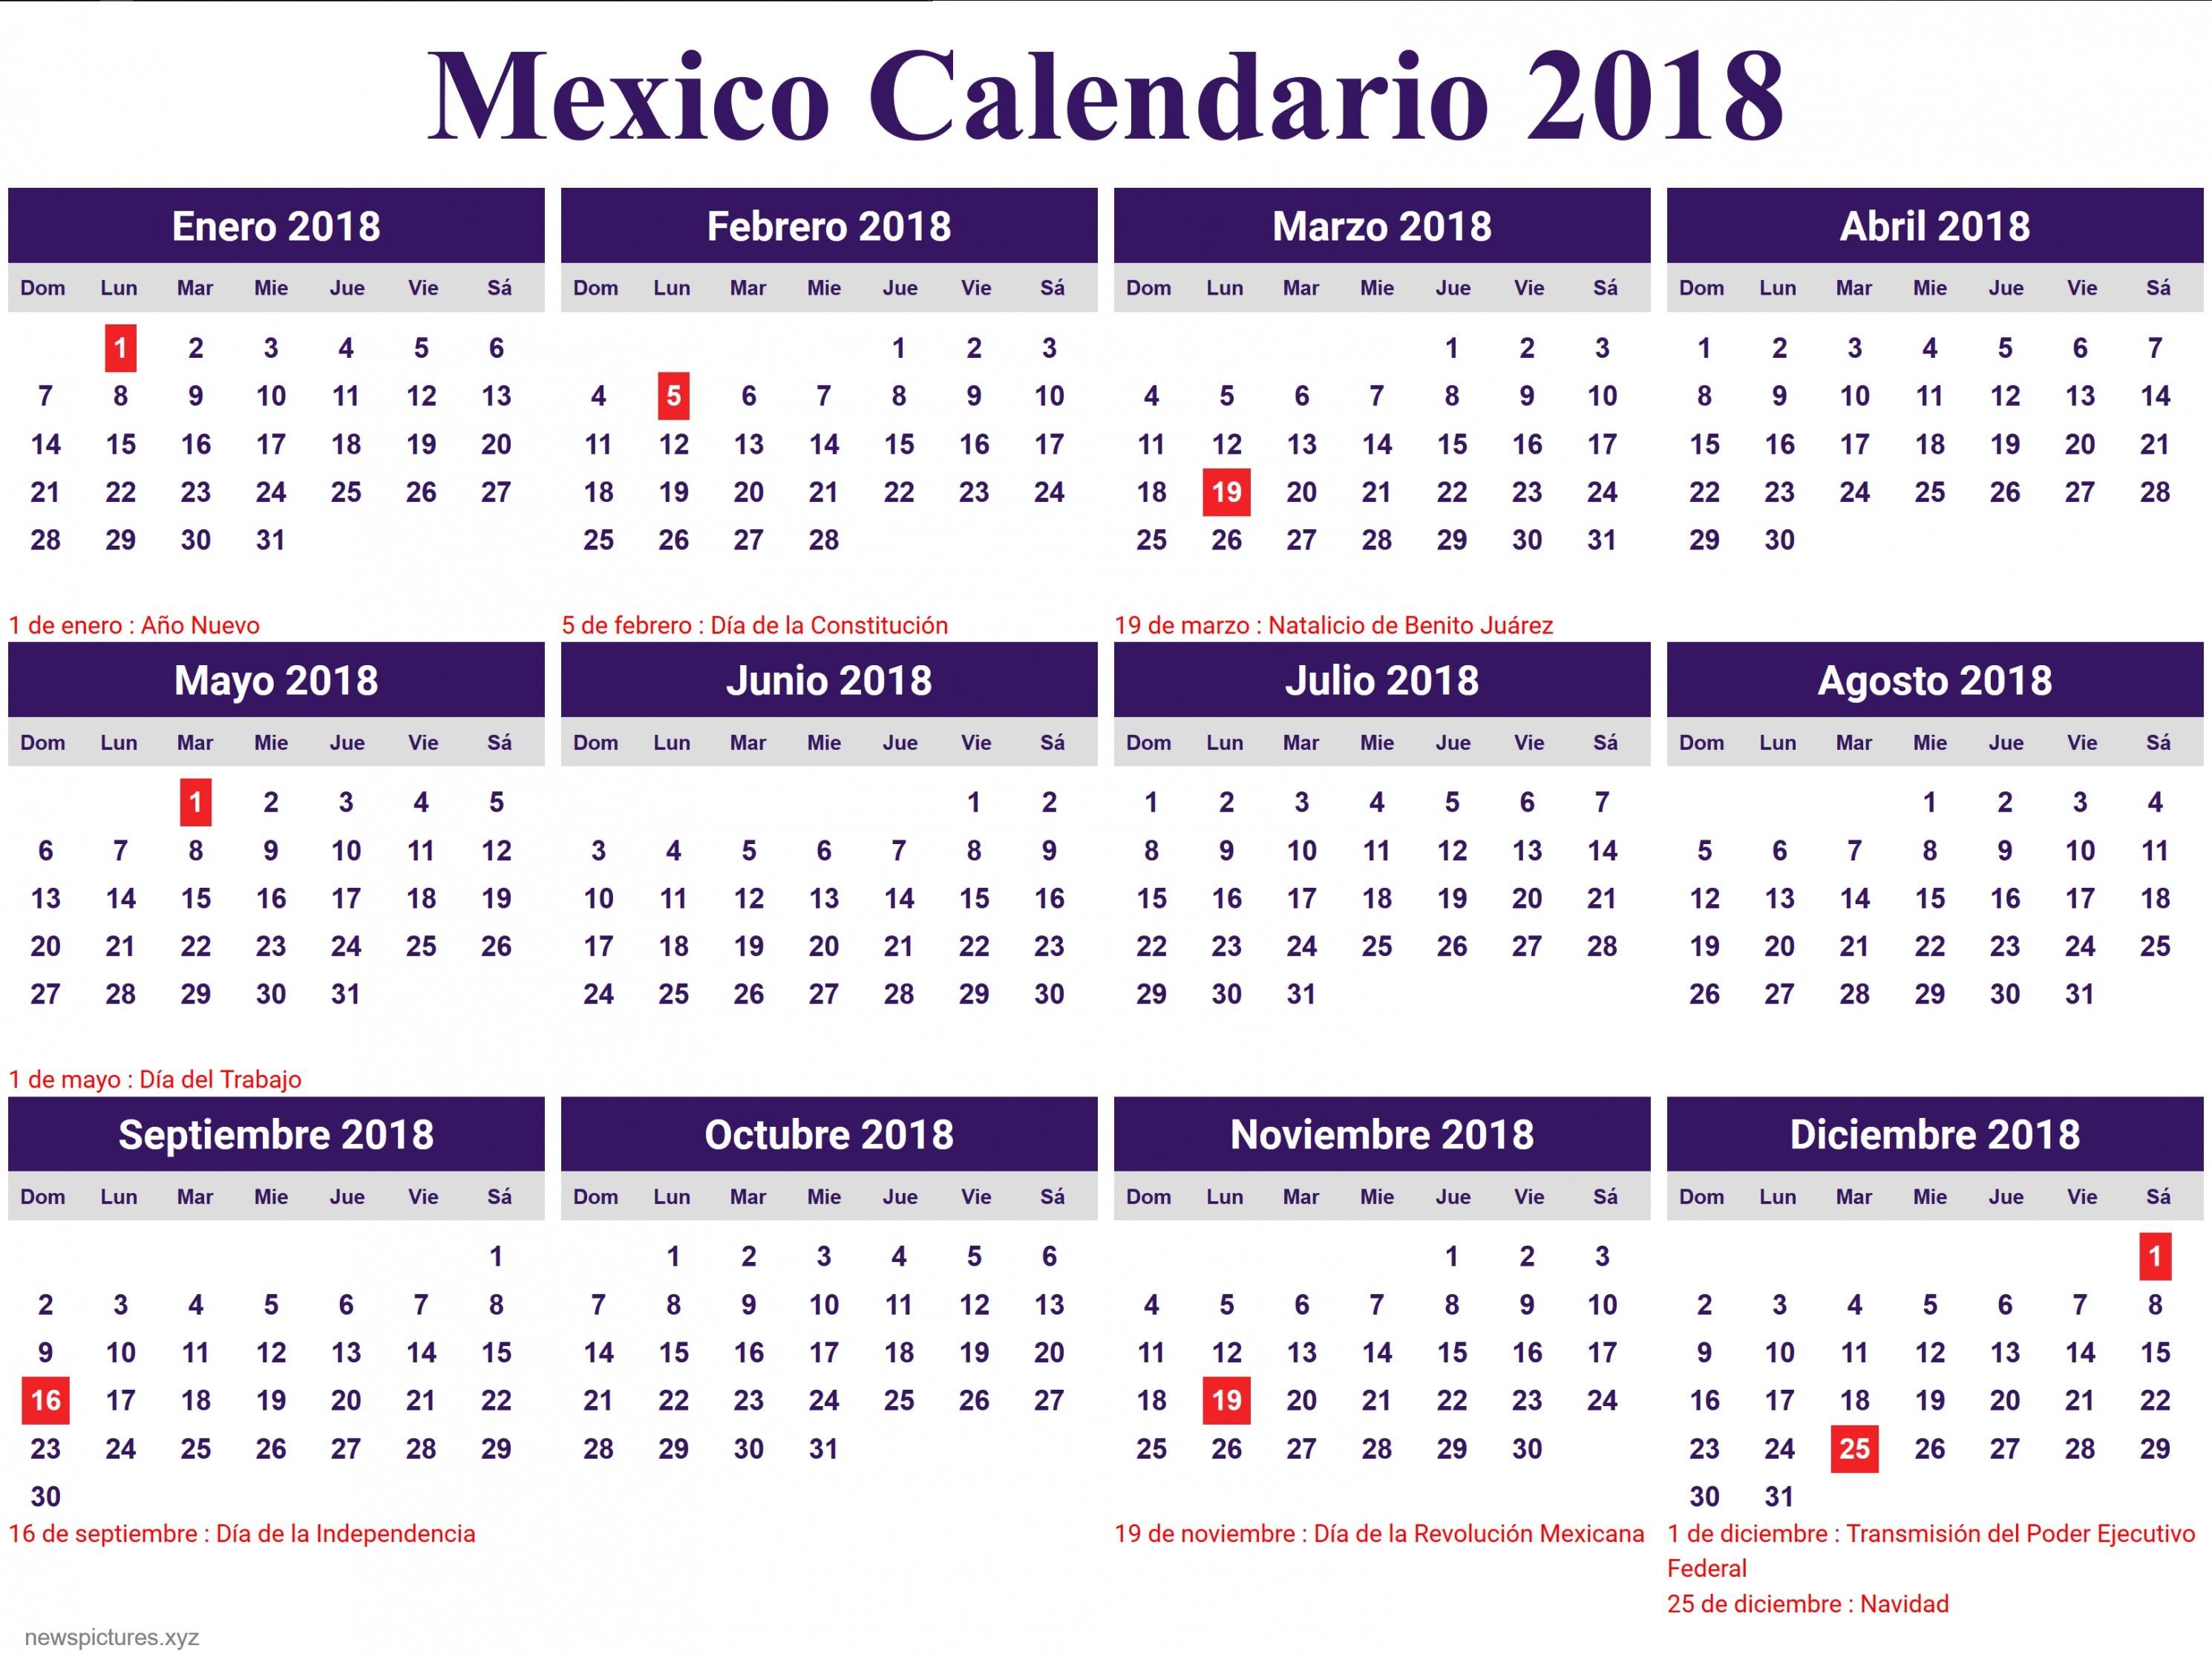 Calendario De Febrero 2017 Peru Más Recientemente Liberado Calendario 2018 Con Festivos — Fiesta De Lamusica Medellin Of Calendario De Febrero 2017 Peru Recientes Avance Del Plan Maestro La Propuesta Panamericana Para Lima Pdf